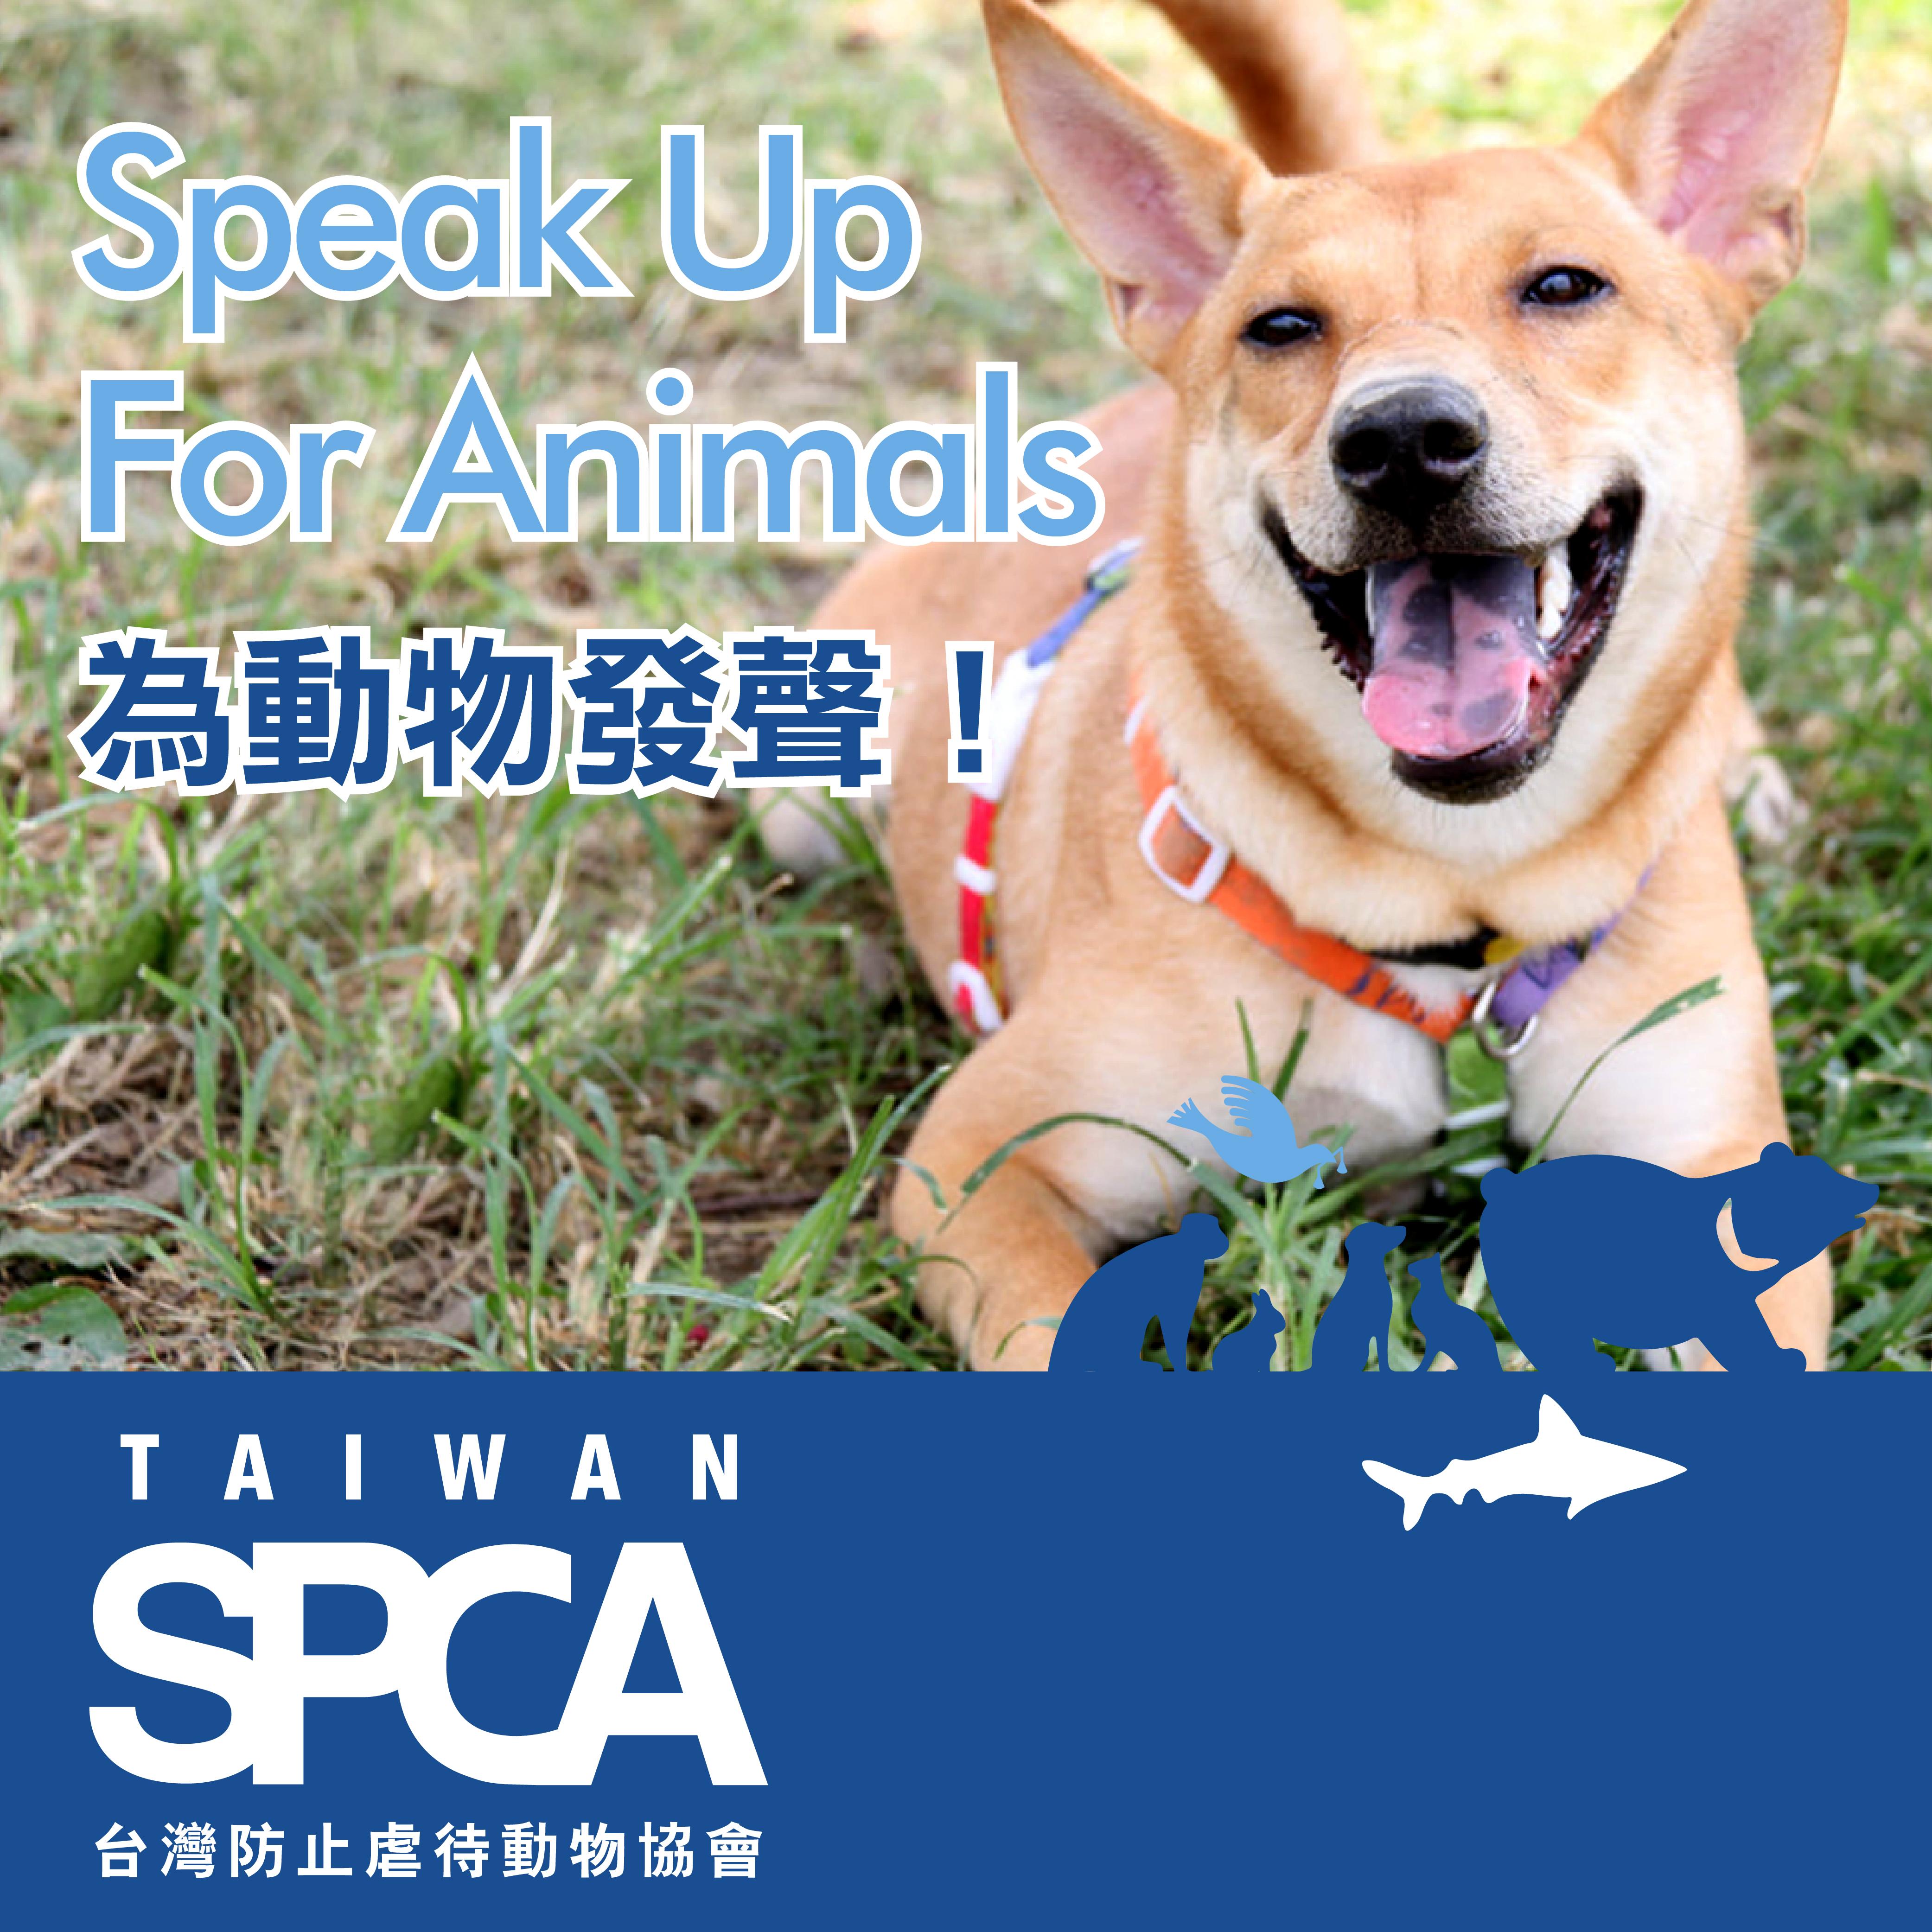 【社團法人台灣防止虐待動物協會】點點變愛心